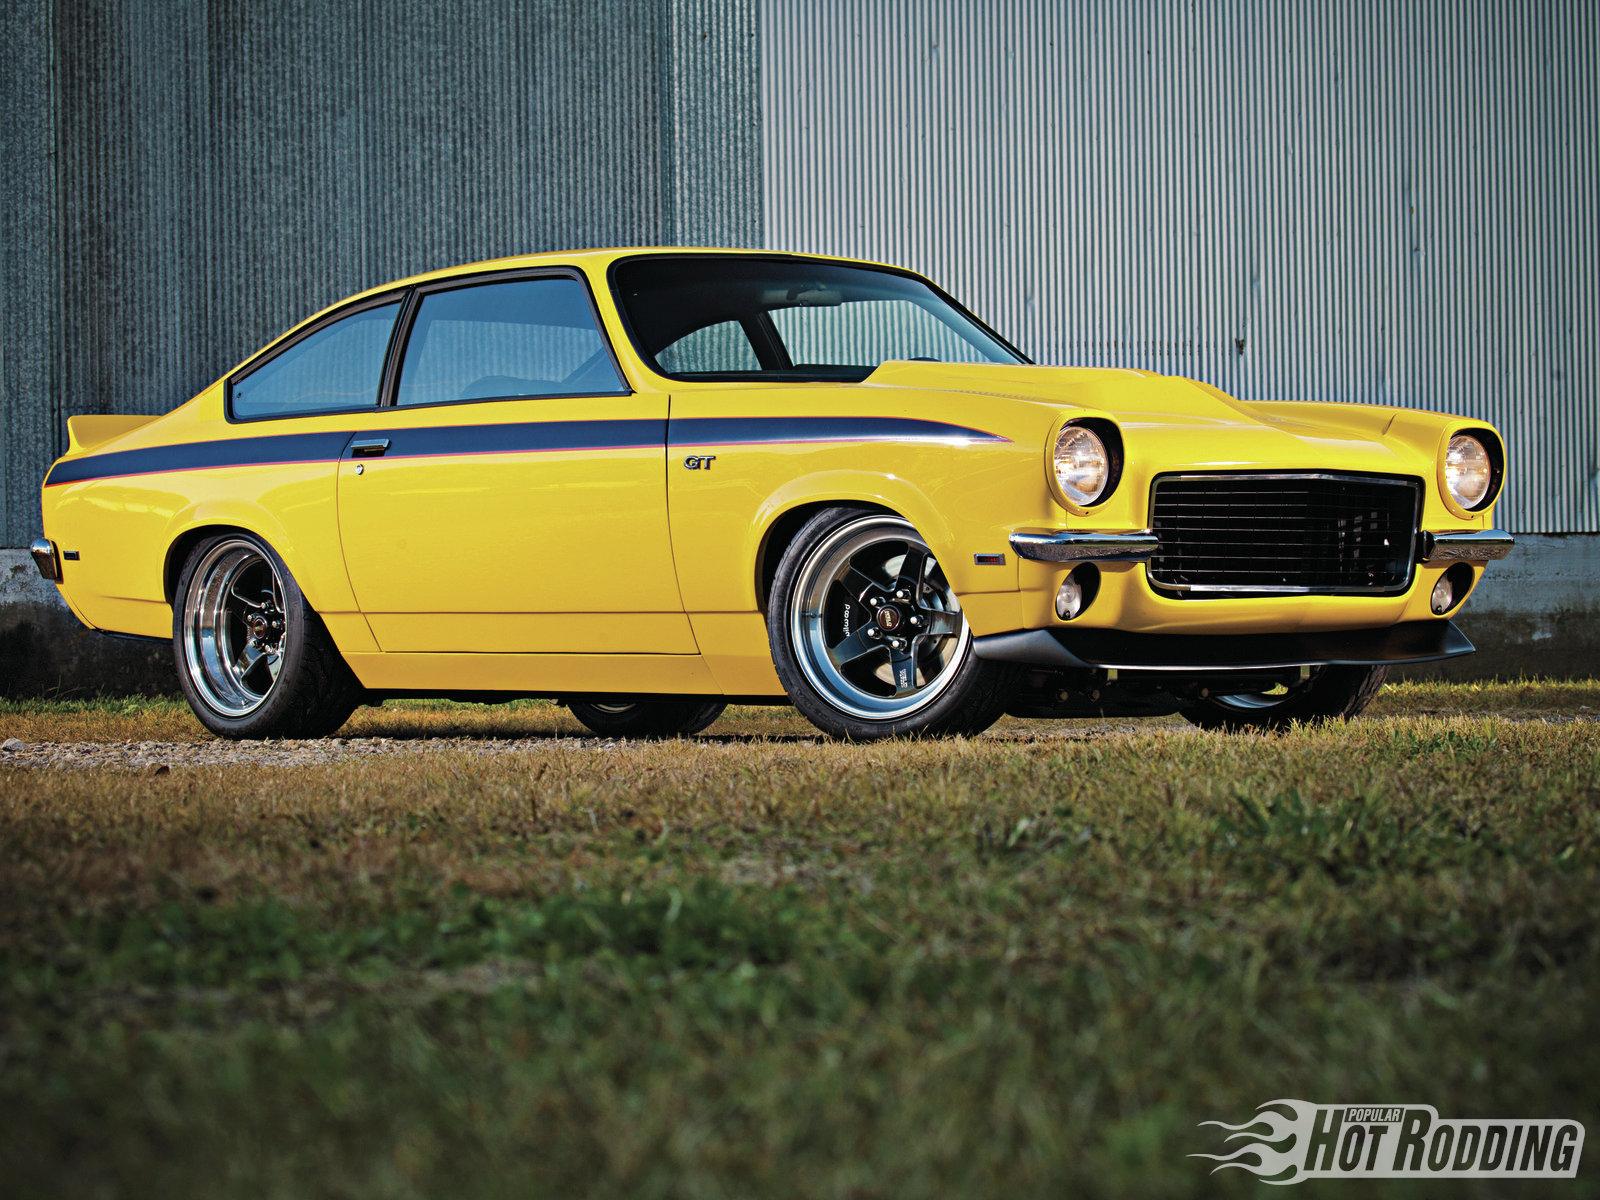 1971 chevrolet vega 454 classic muscle hot rod rods d - Vega wallpaper ...